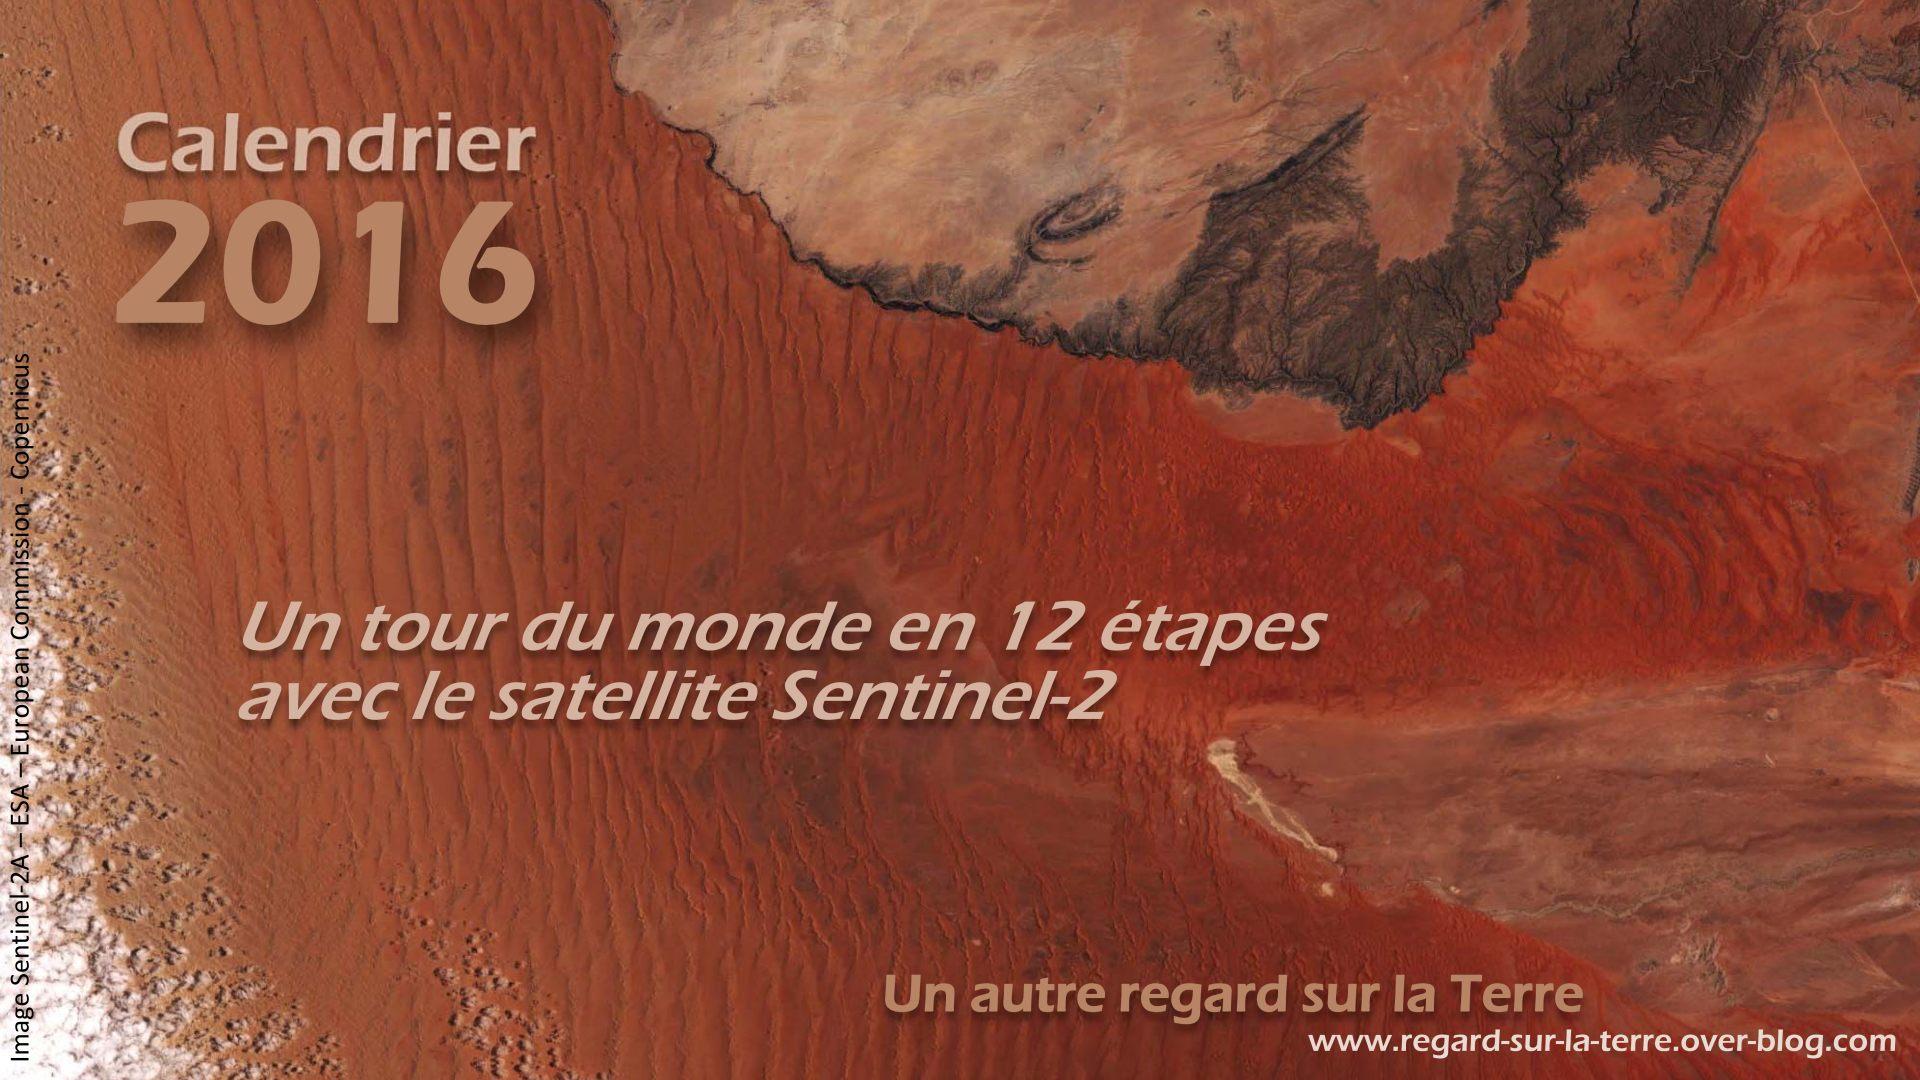 Calendrier spatial - 2016 - Sentinel-2 - ESA - Copernicus - Tour du monde - 12 étapes - 5000 orbites - Un autre regard sur la Terre - Gédéon